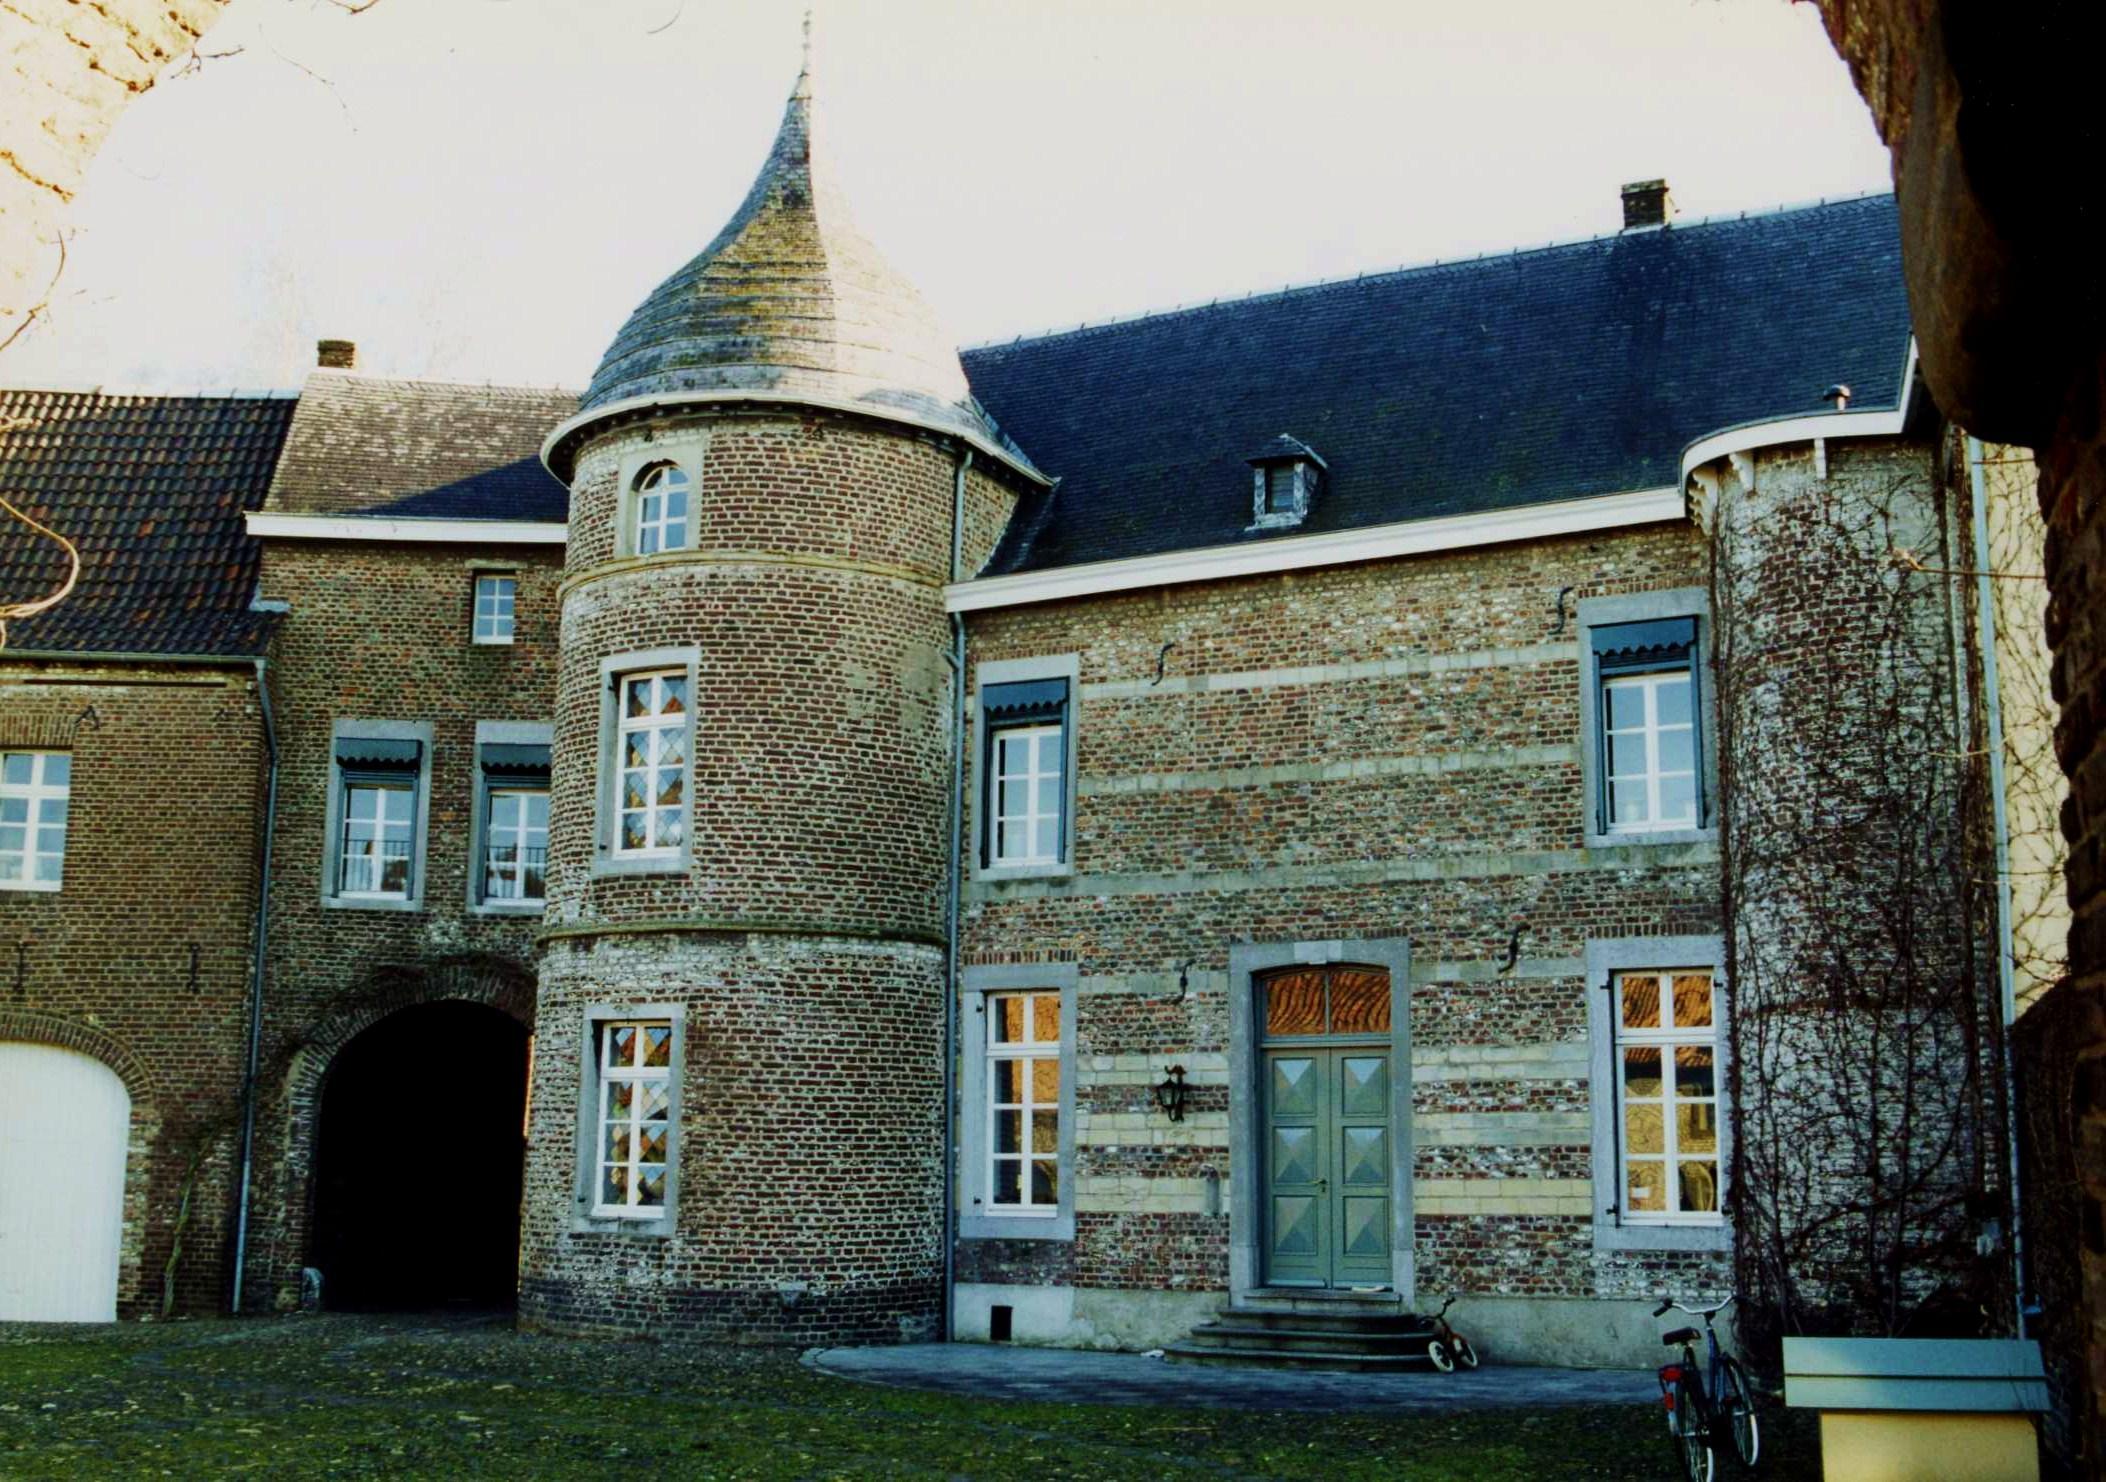 Huis millen in sittard monument - Fotos van huis ...